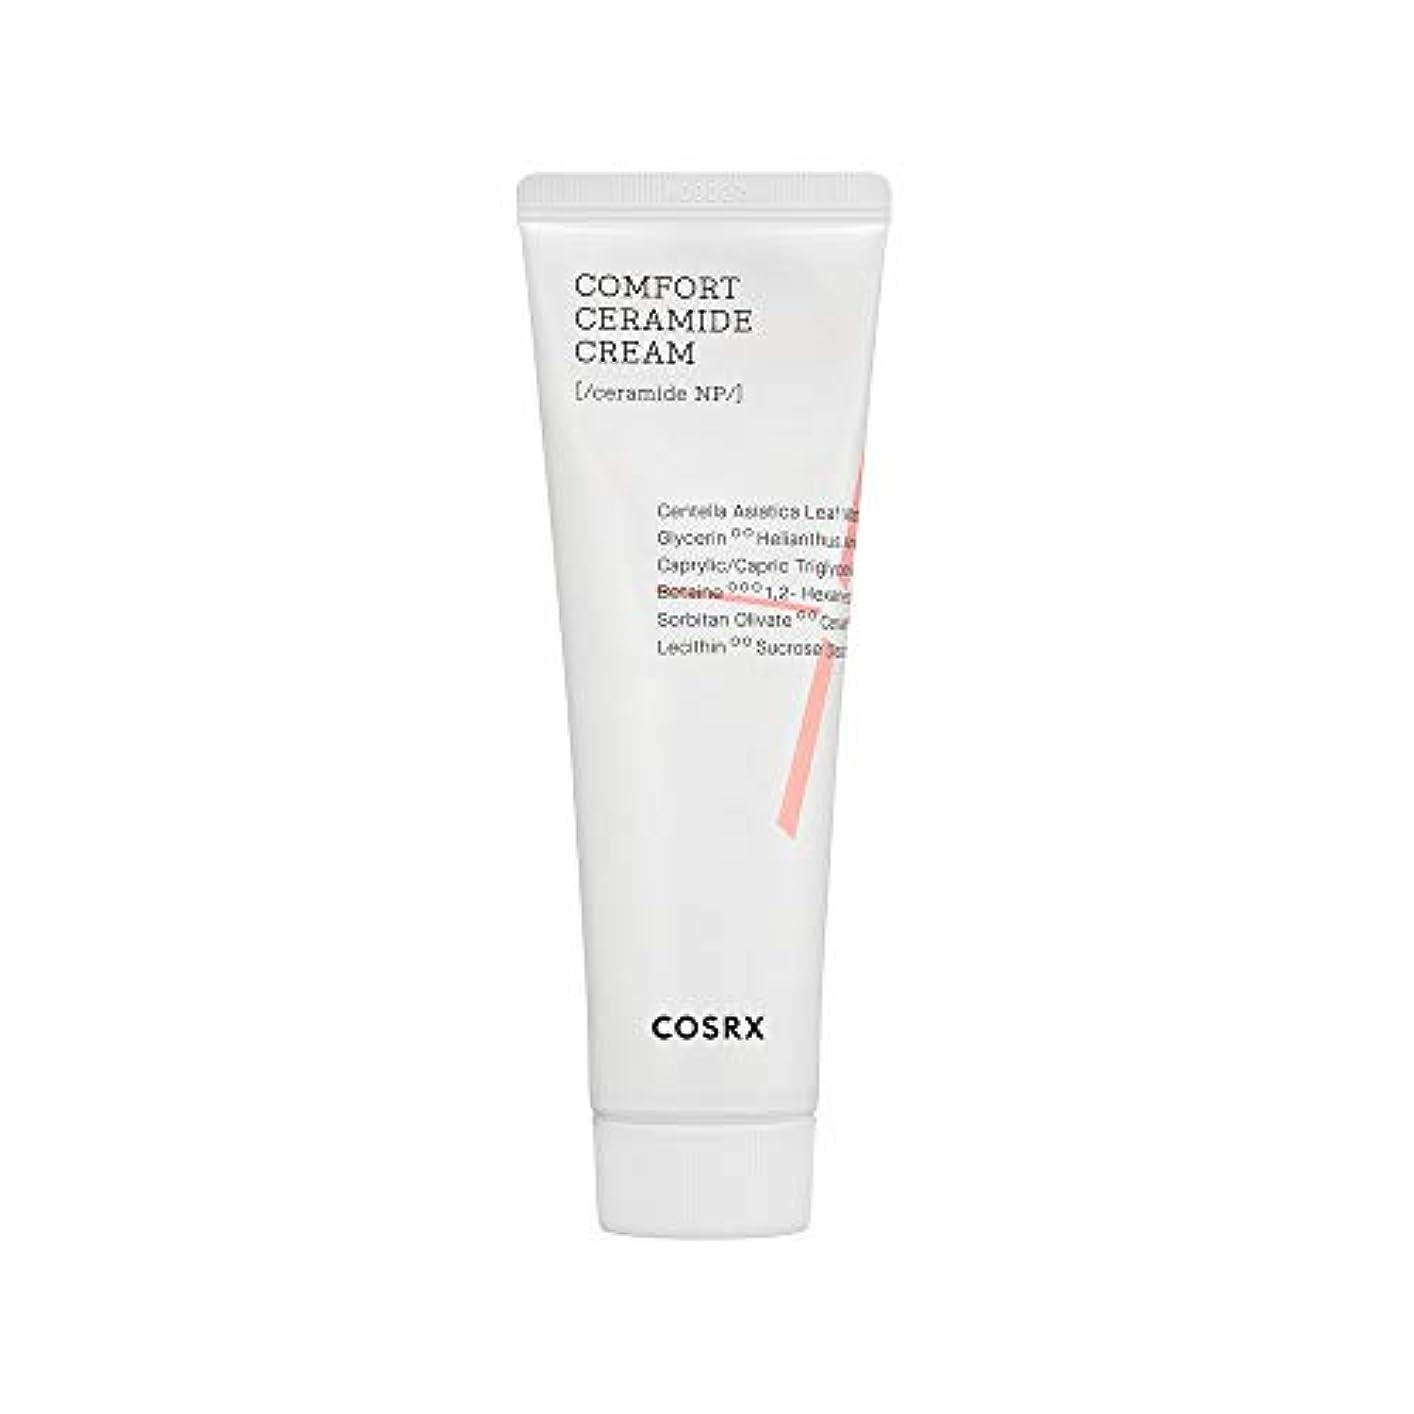 故障中お願いします共和党COSRX バランシウム コンポート セラミド クリーム / Balancium Comfort Ceramide Cream (80g) [並行輸入品]